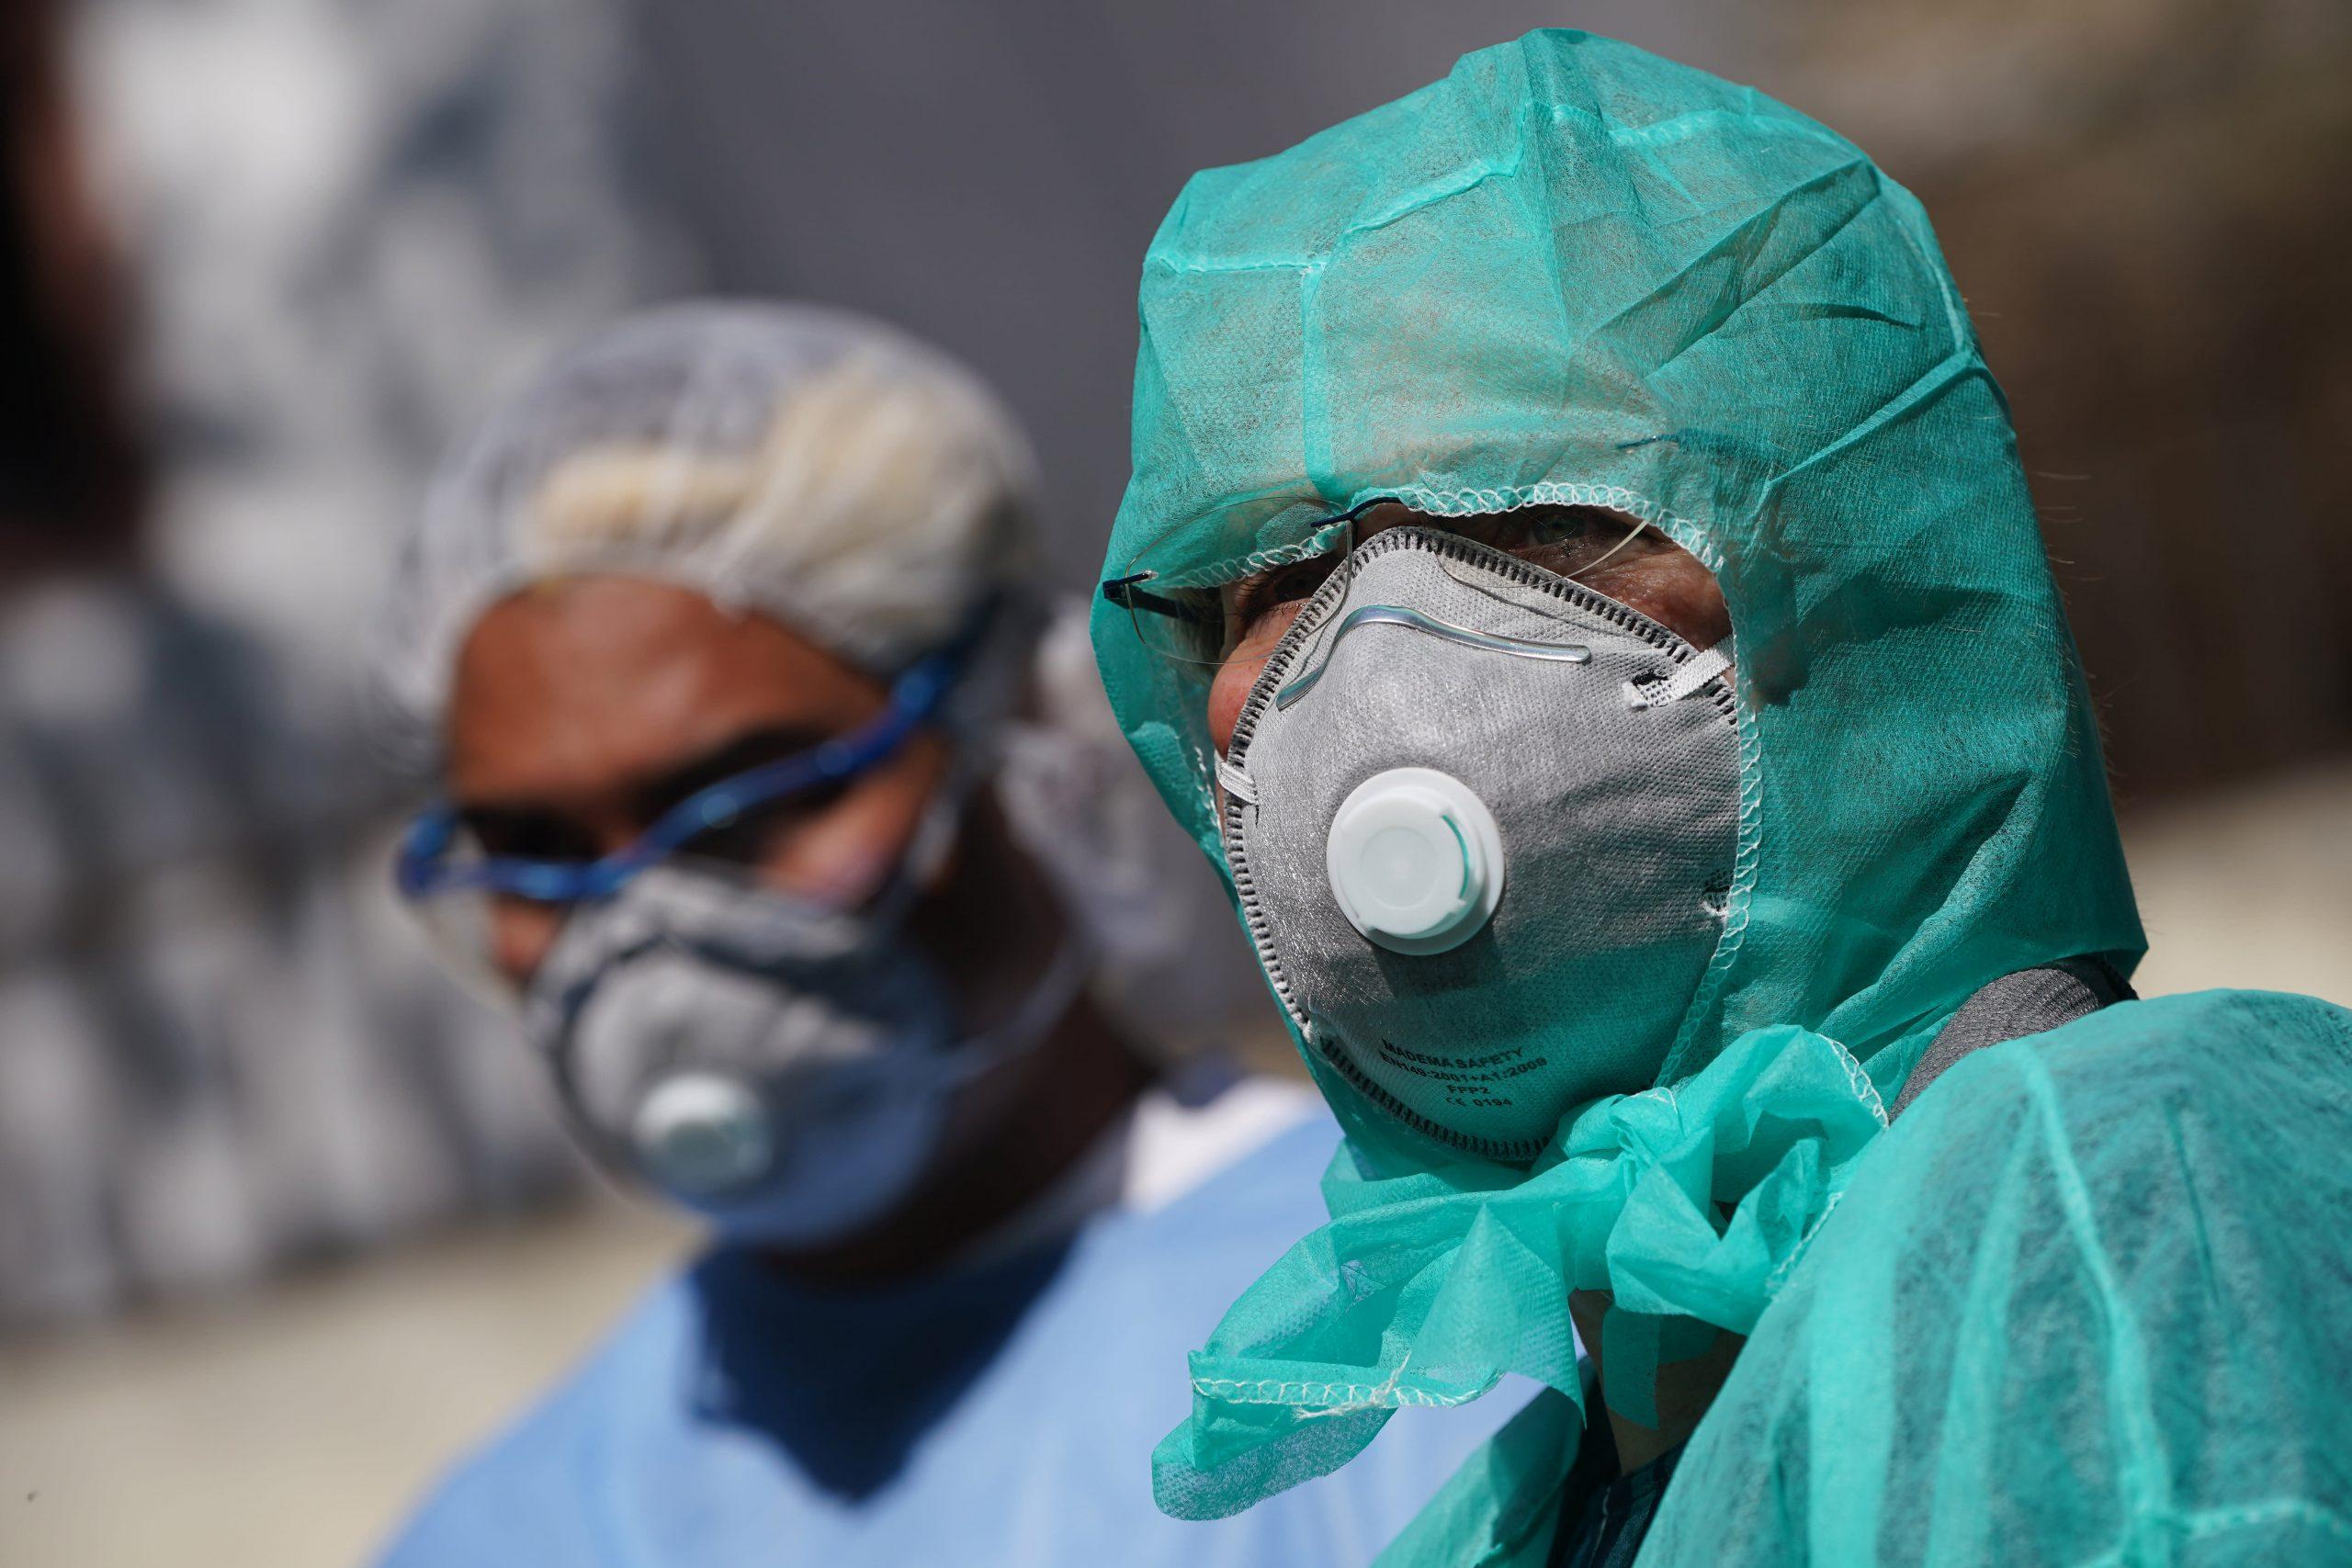 Worldwide corona virus cases reached 40 million